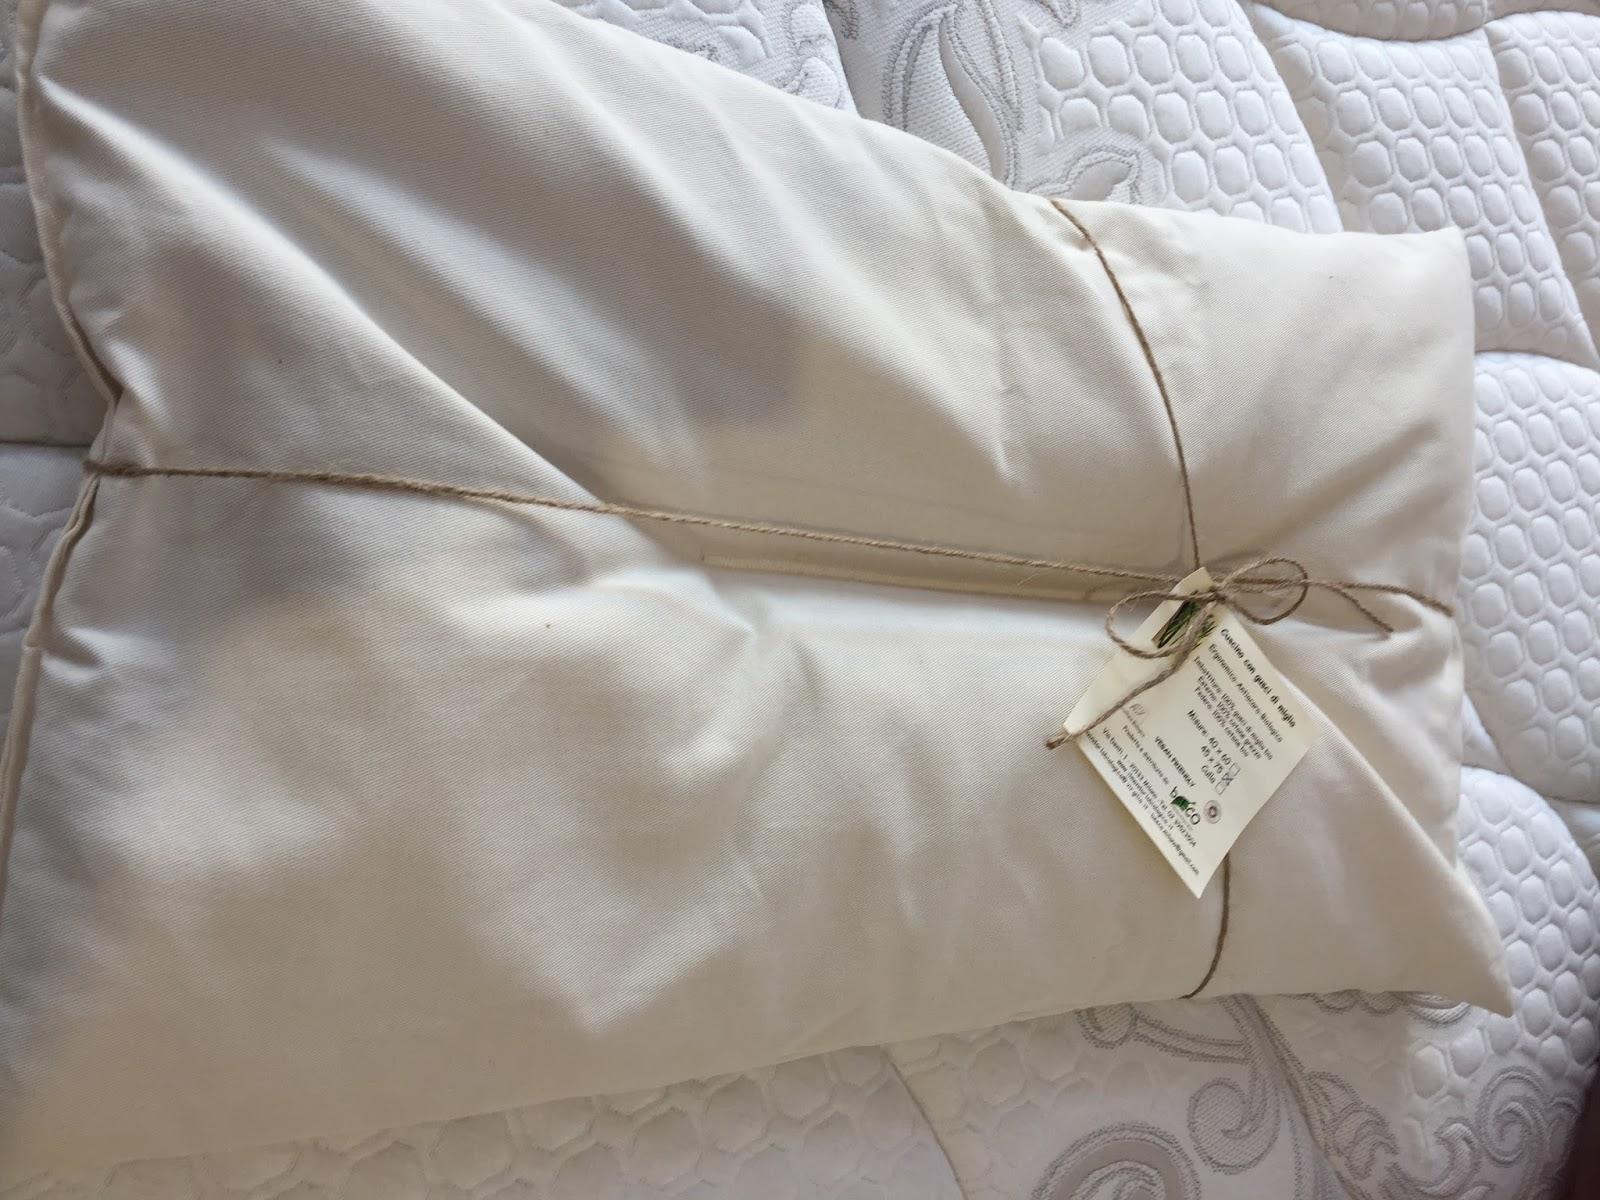 Cuscino In Grano Saraceno.Centro Permaflex Blog Cuscino In Miglio E Cuscino In Grano Saraceno